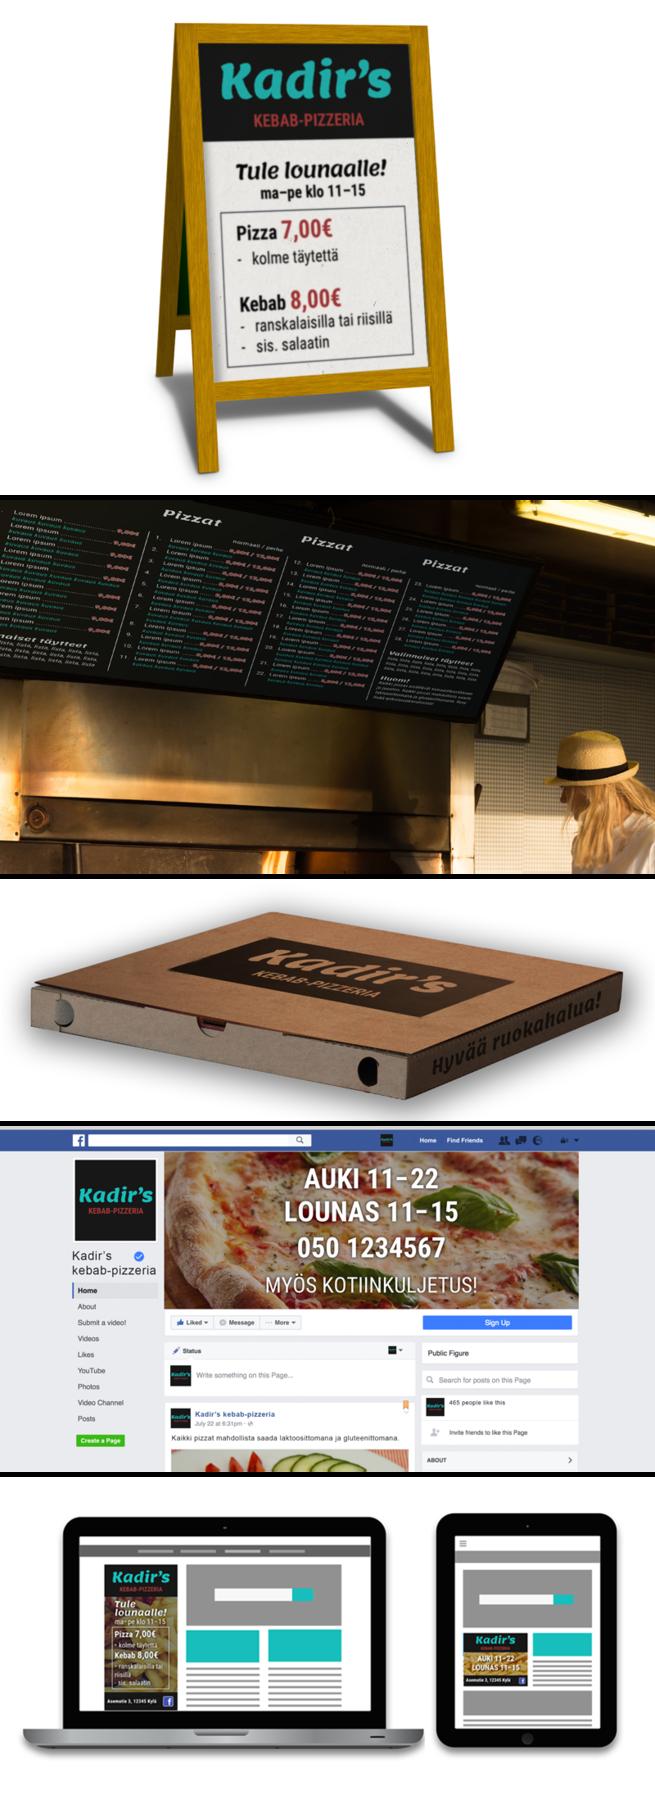 Emmi Nääppä - Yritysilme ravintolalle Valmistin kuvitteelliselle ravintolalle logon, A-tauluissa käytettävän lounaslistan, ravintolan seinälle koko ruokalistan, Facebook-sivujen kansikuvan ja display-mainoksia. Gravit Designer, InDesign